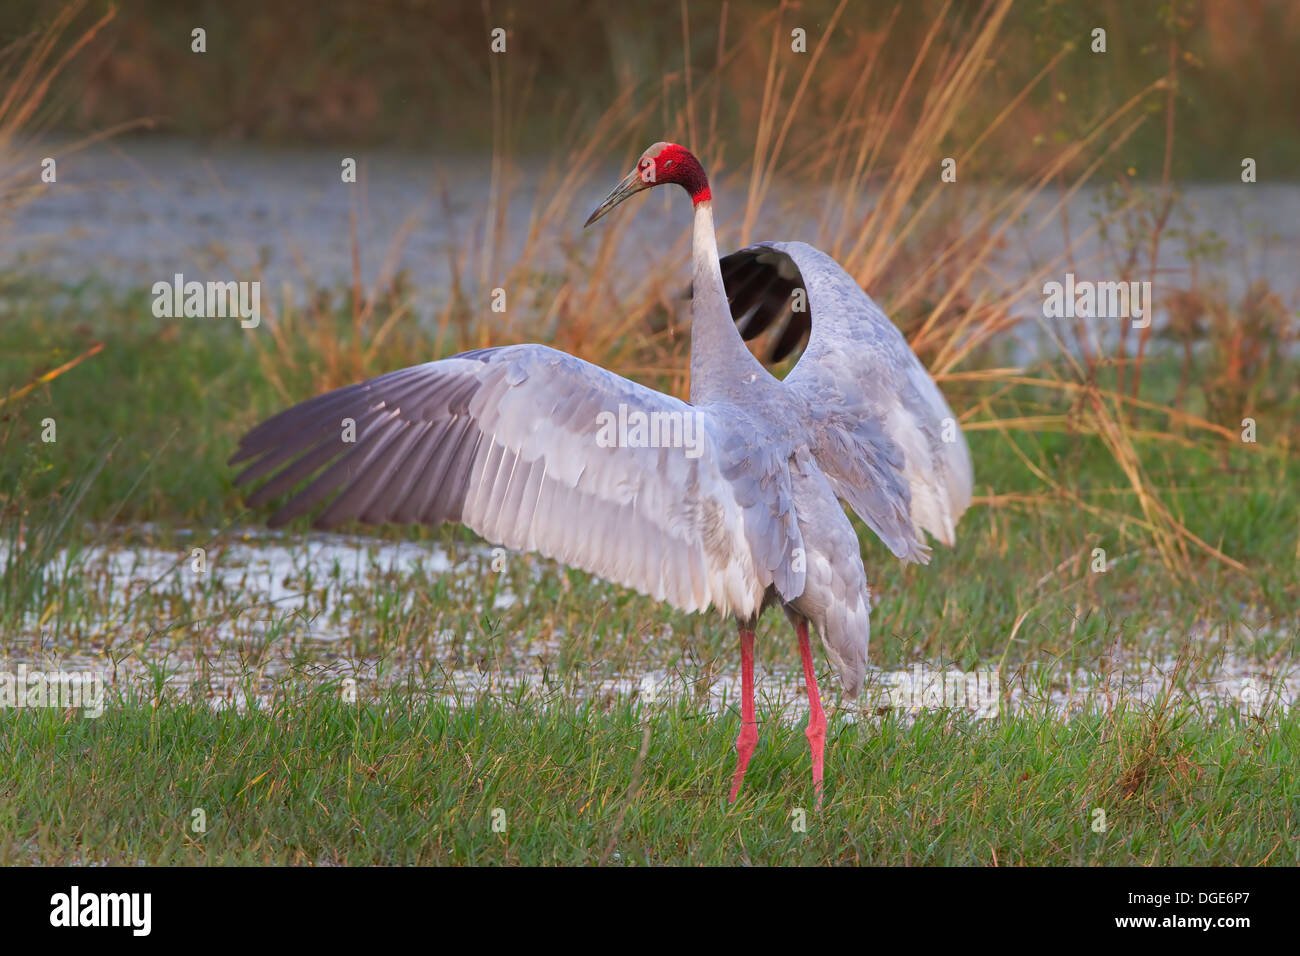 Tallest flying bird - Stock Image